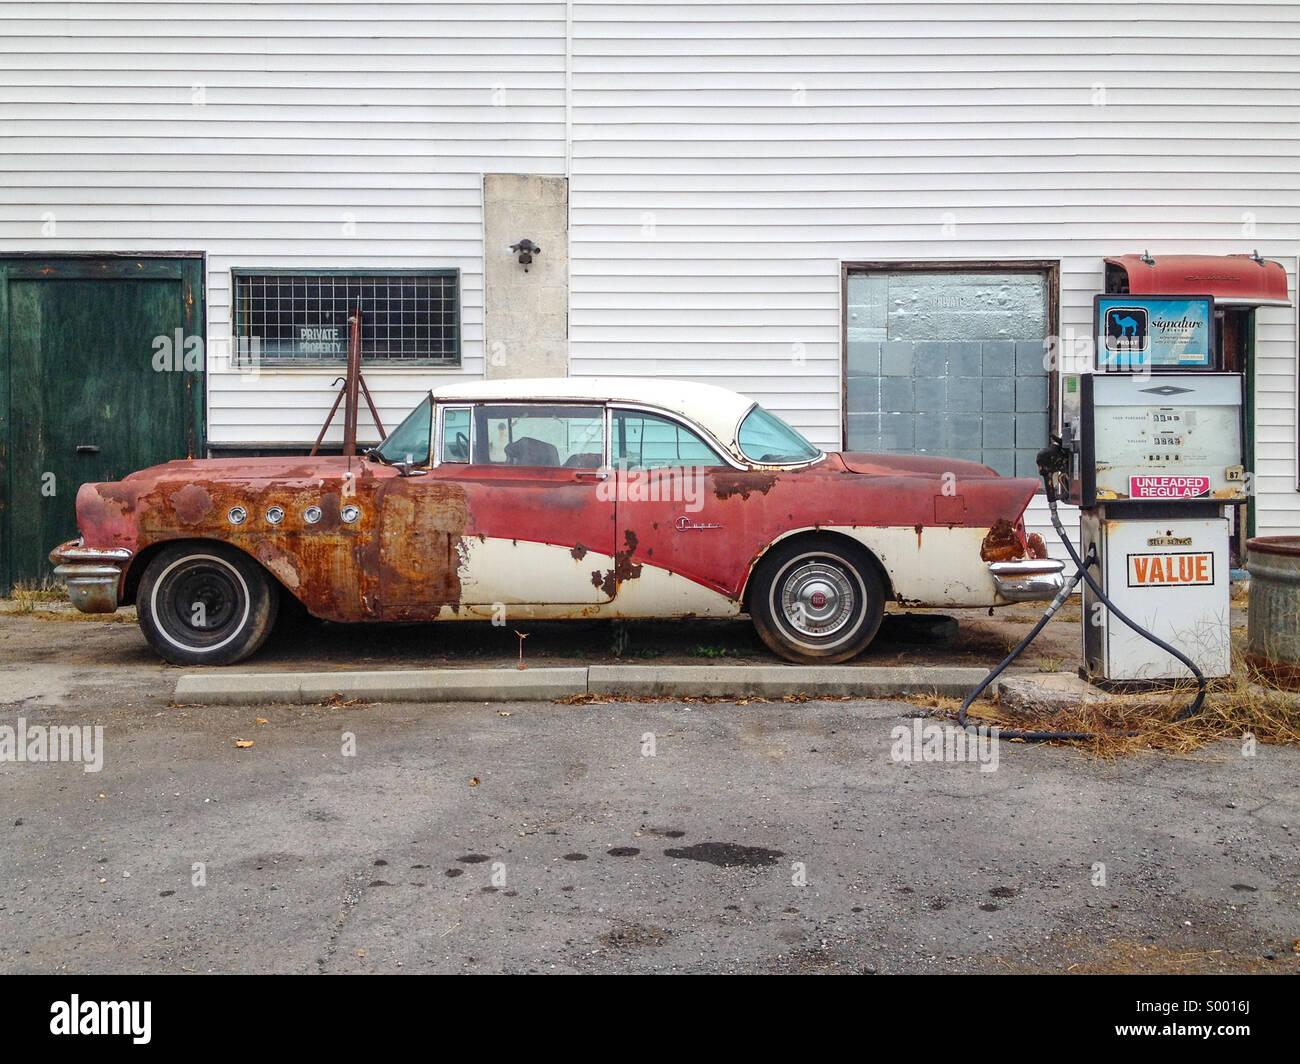 Old Buick Car Stock Photos & Old Buick Car Stock Images - Alamy